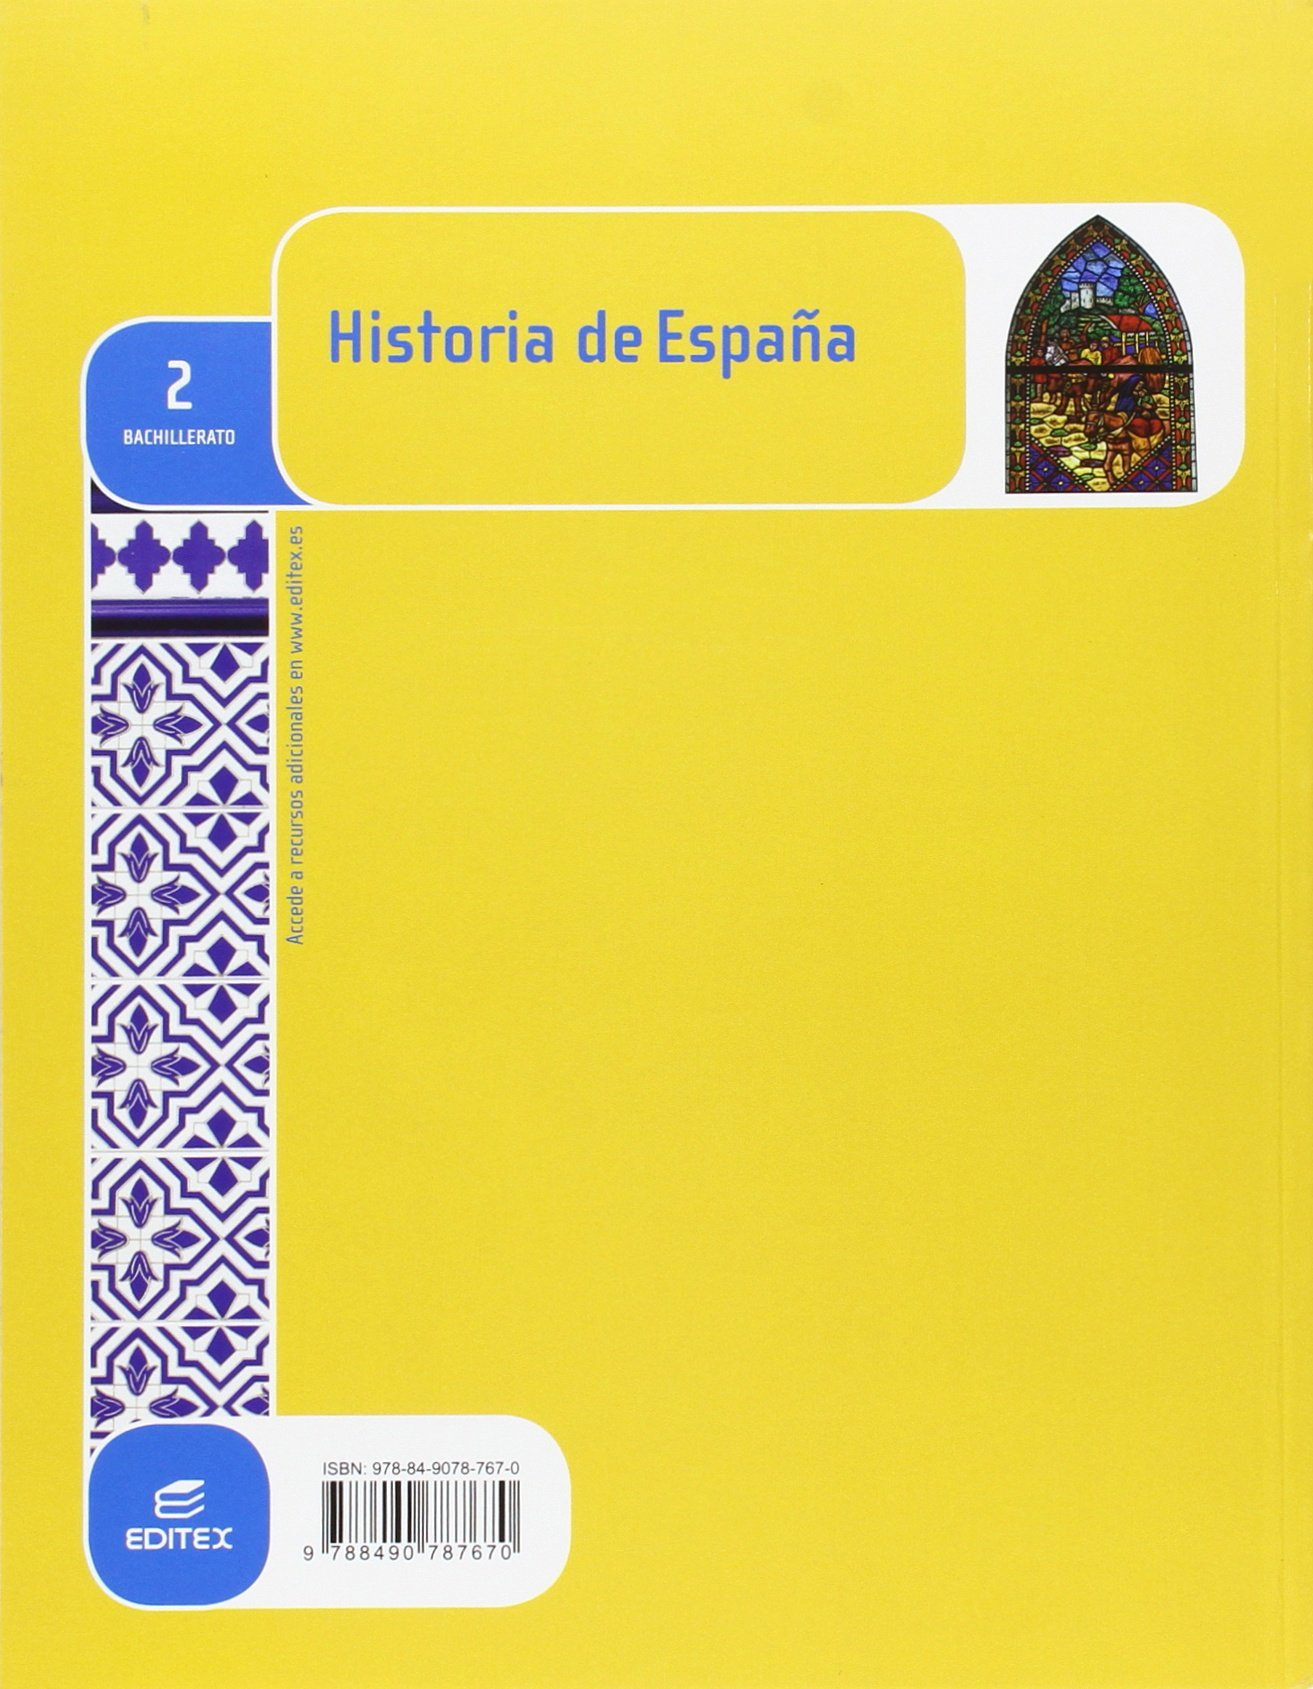 Historia de España 2º Bachillerato LOMCE - 9788490787670: Amazon.es: Blanco Andrés, Roberto, González Clavero, Mariano: Libros